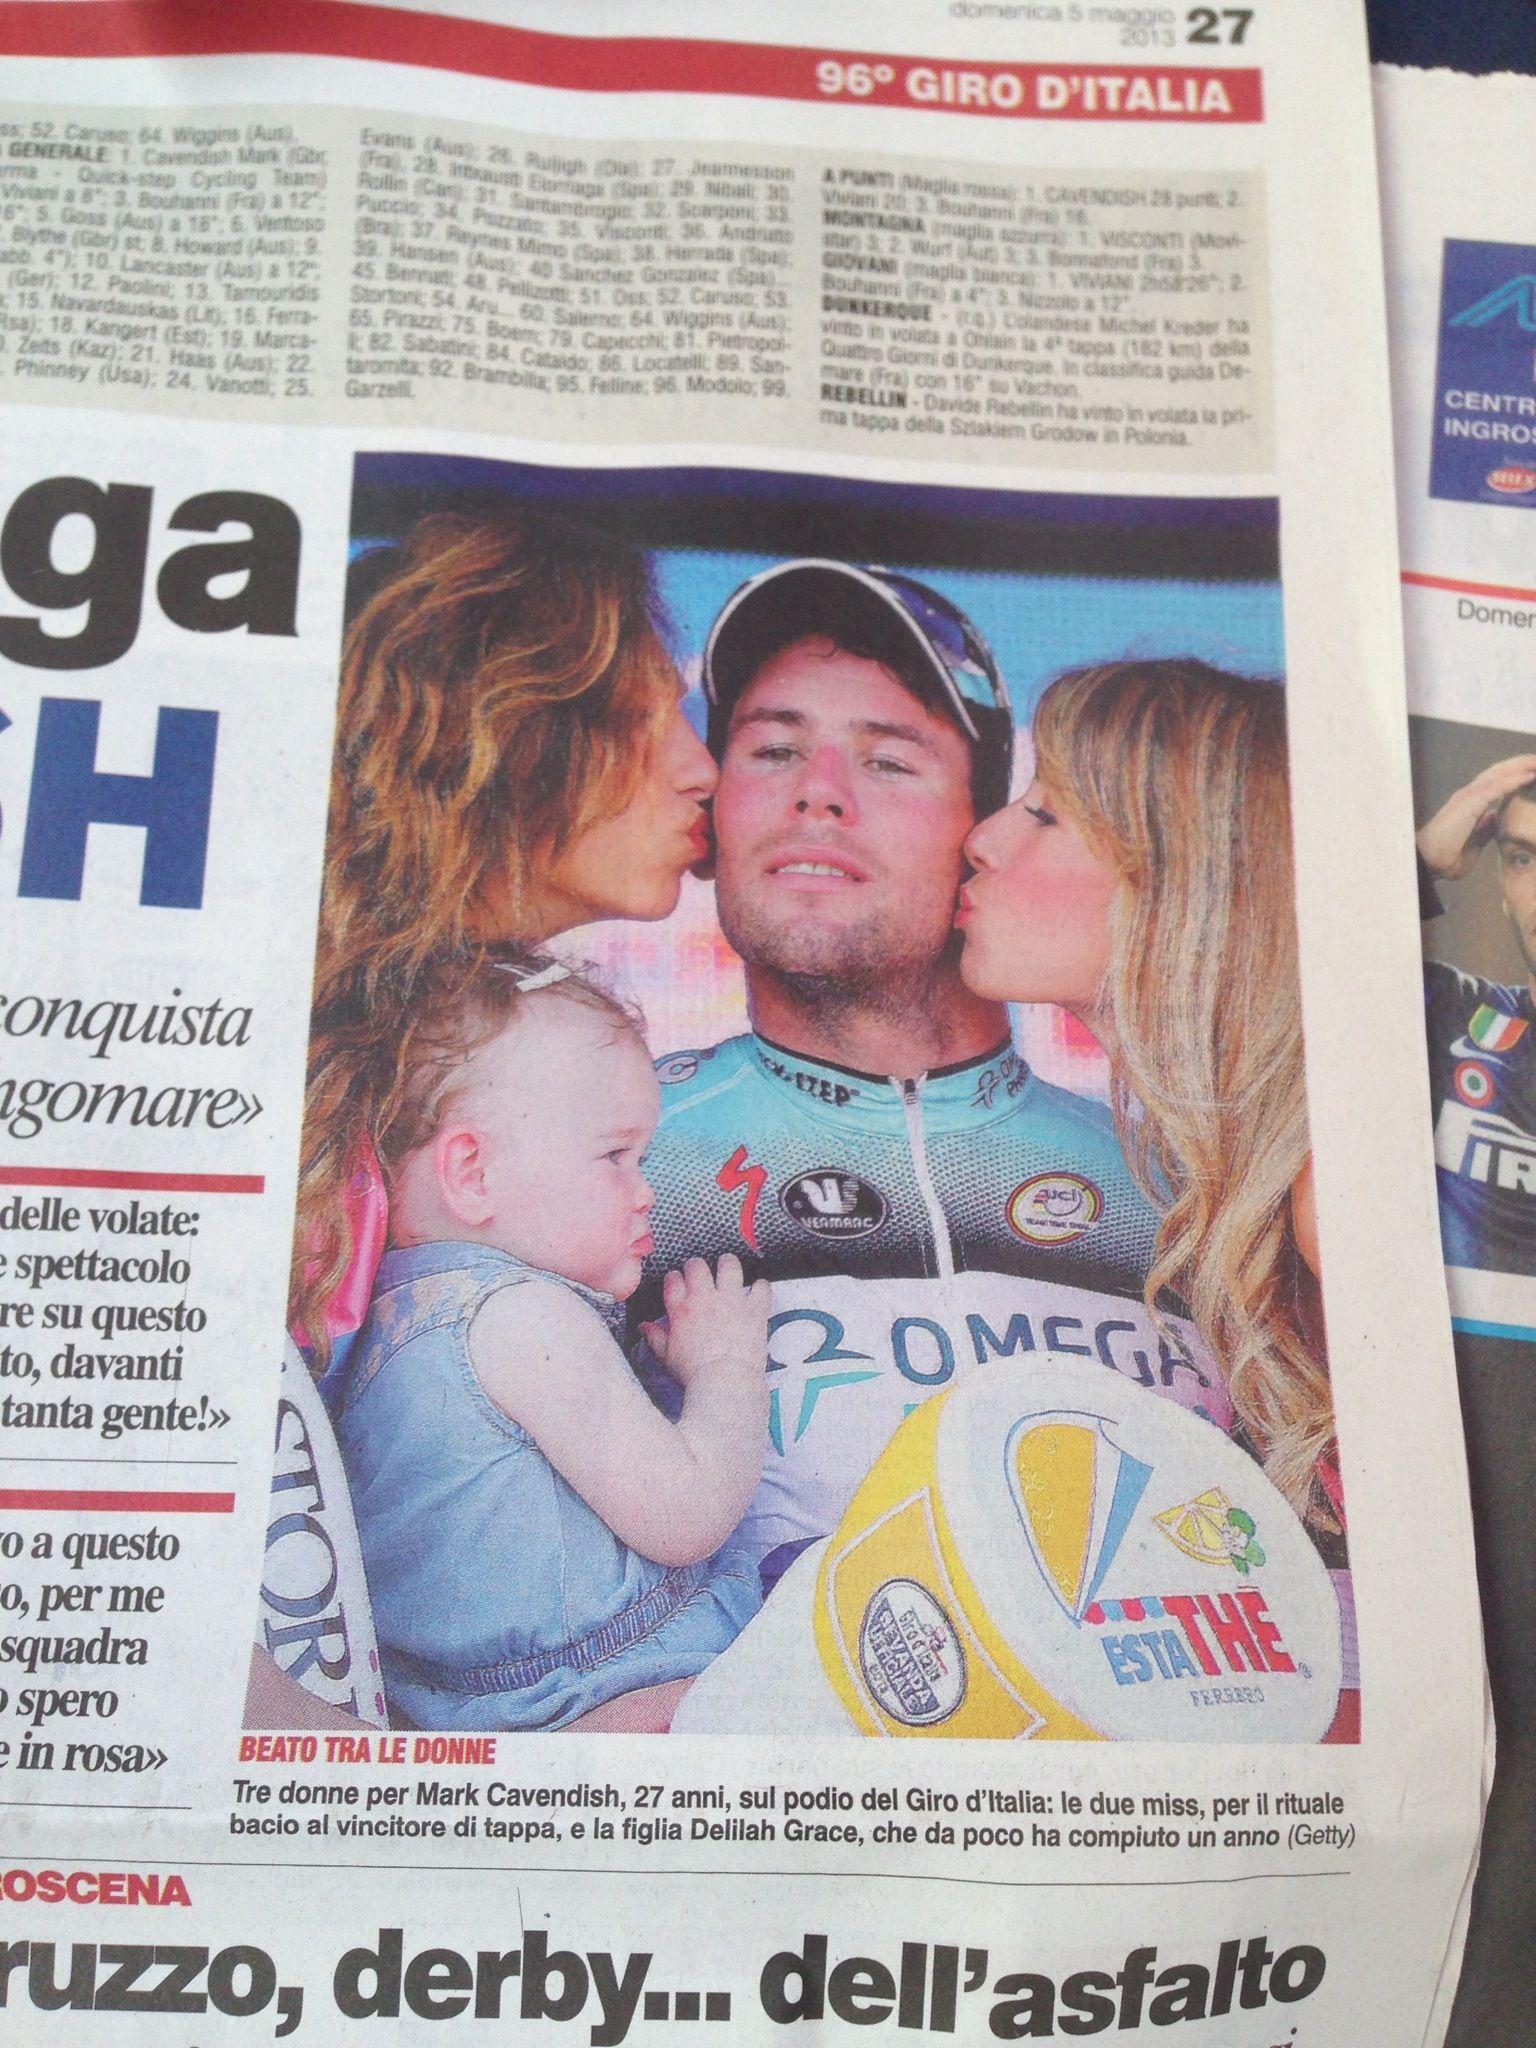 Corriere dello sport Mark cavendish, Girandole, Giro d